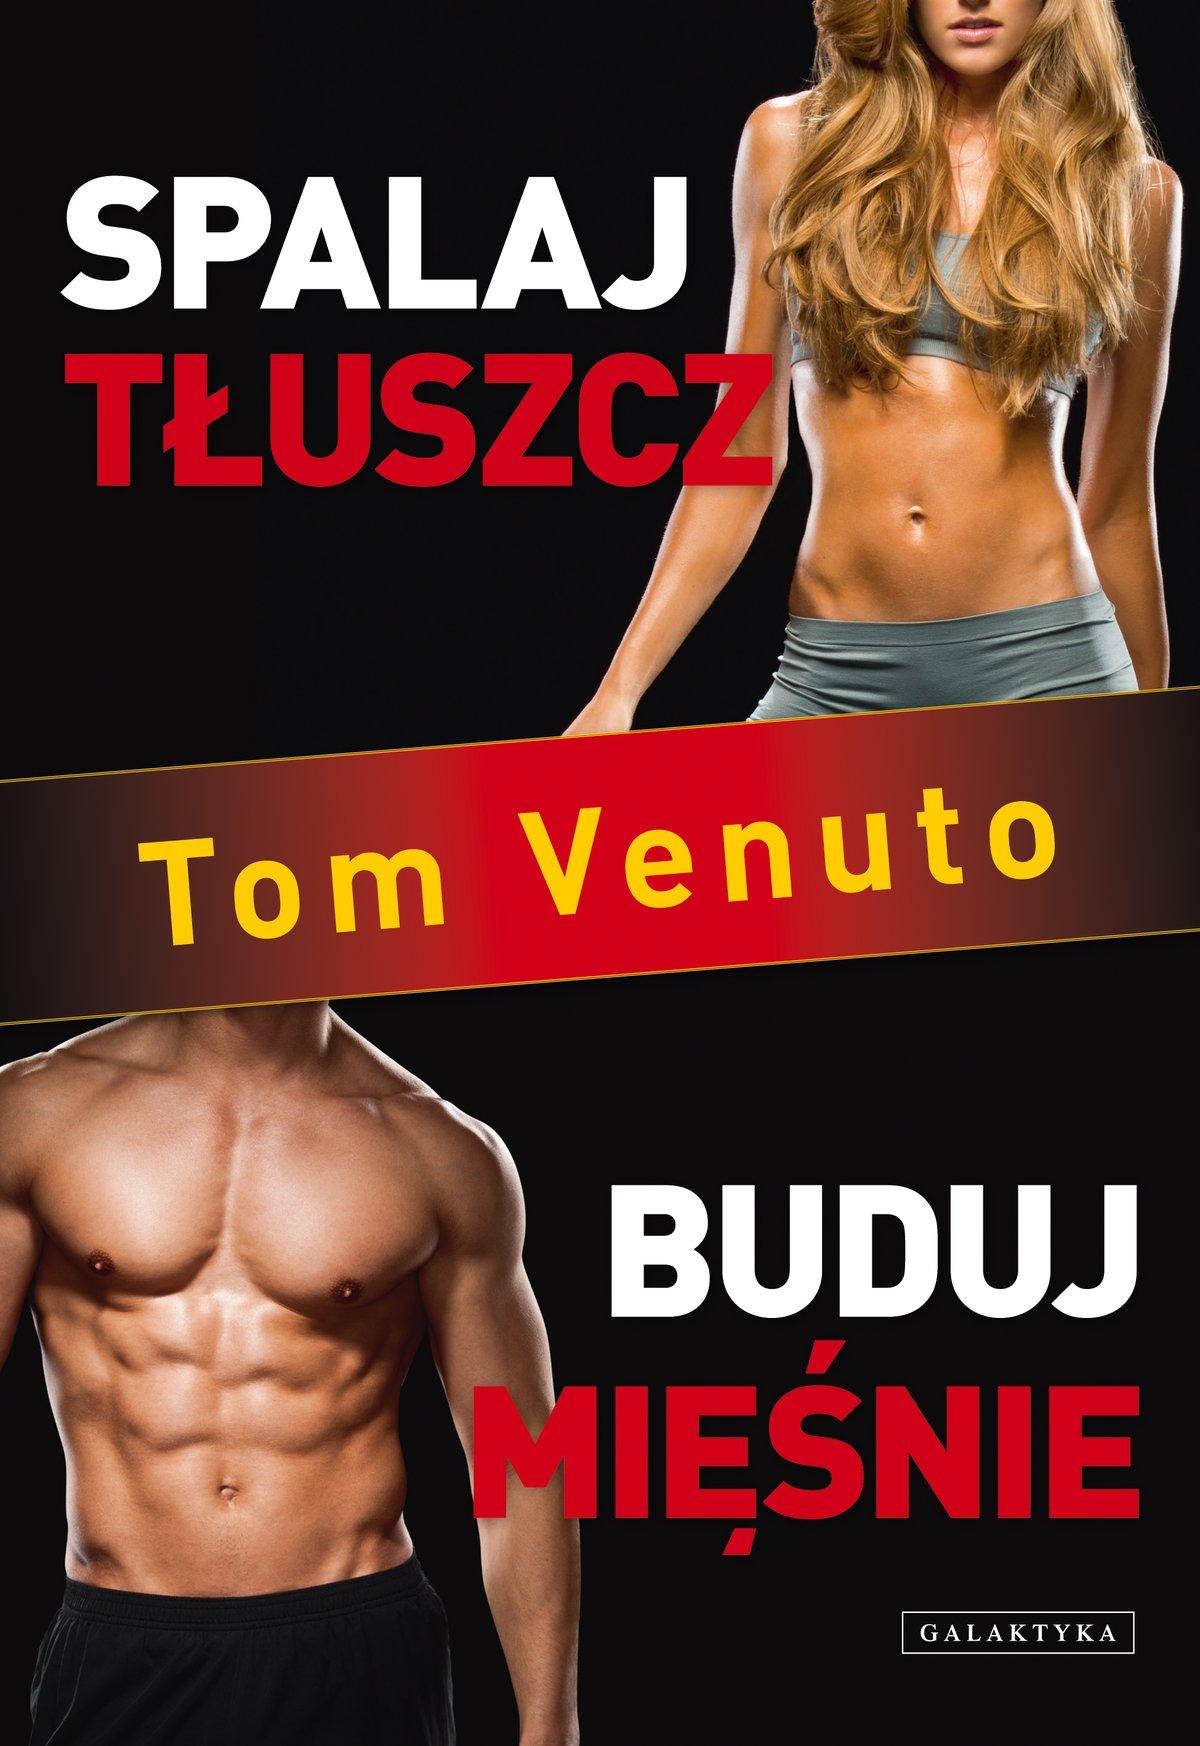 Spalaj tłuszcz, buduj mięśnie - Ebook (Książka na Kindle) do pobrania w formacie MOBI